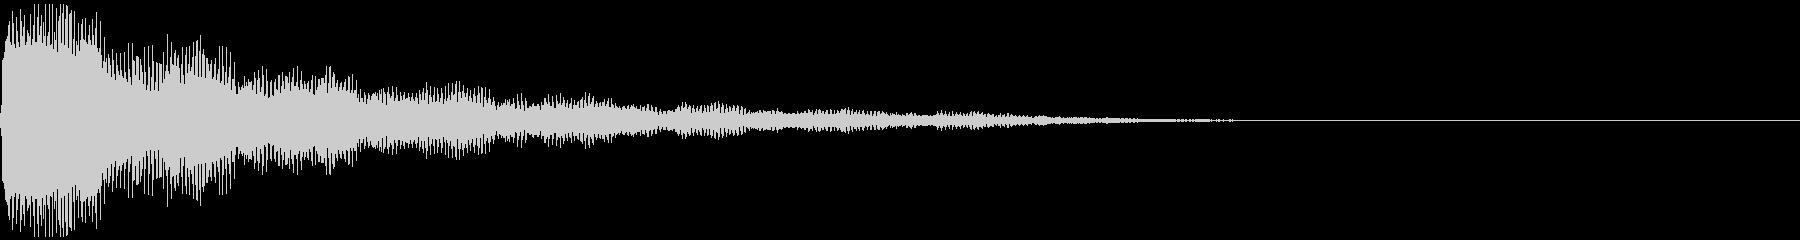 びよよーん(ベたなコミカルな音)の未再生の波形